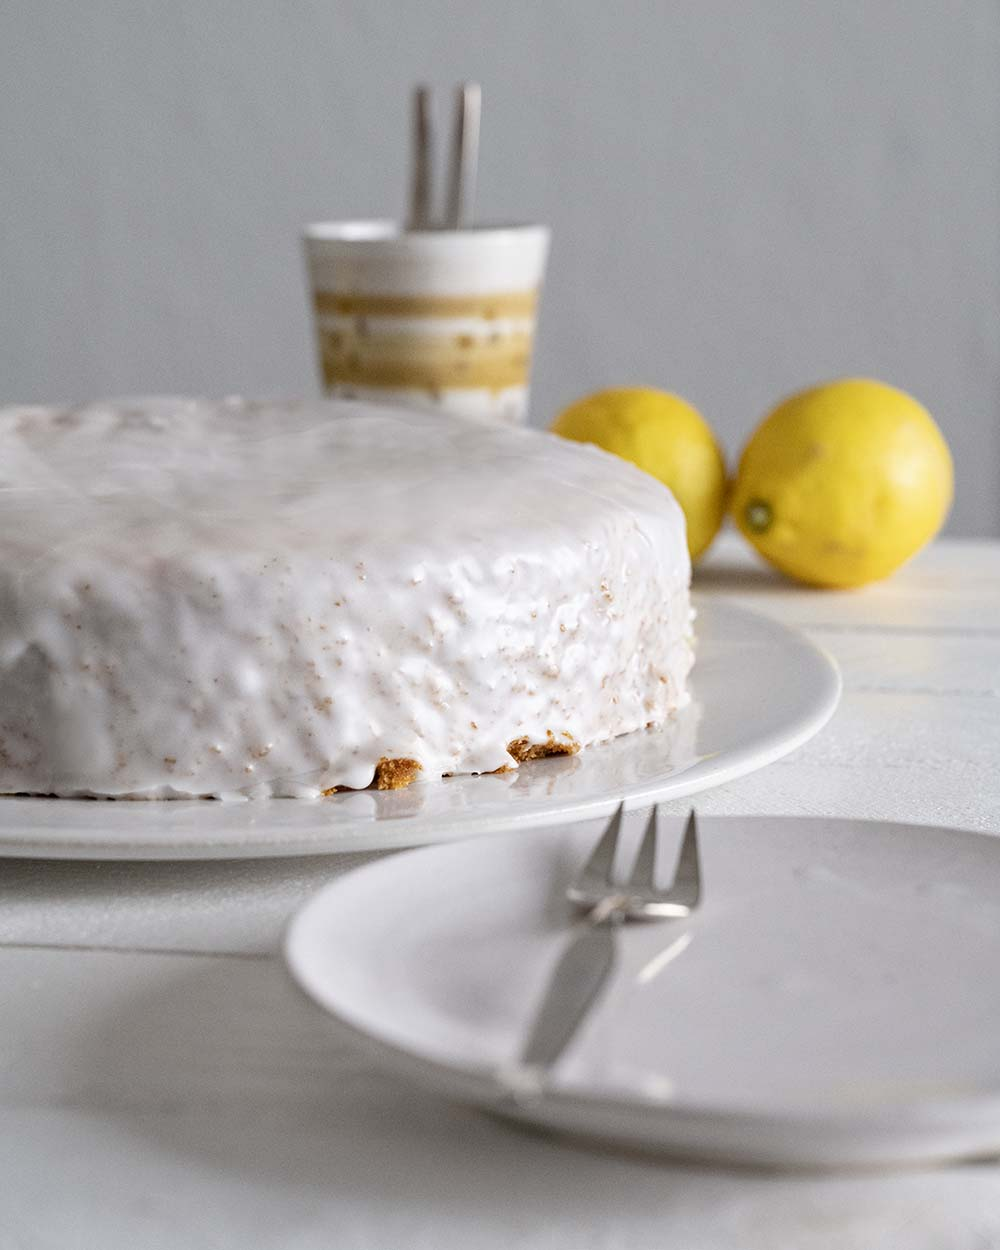 Unser fertig glasierter Zitronenkuchen steht auf dem Kaffeetisch.